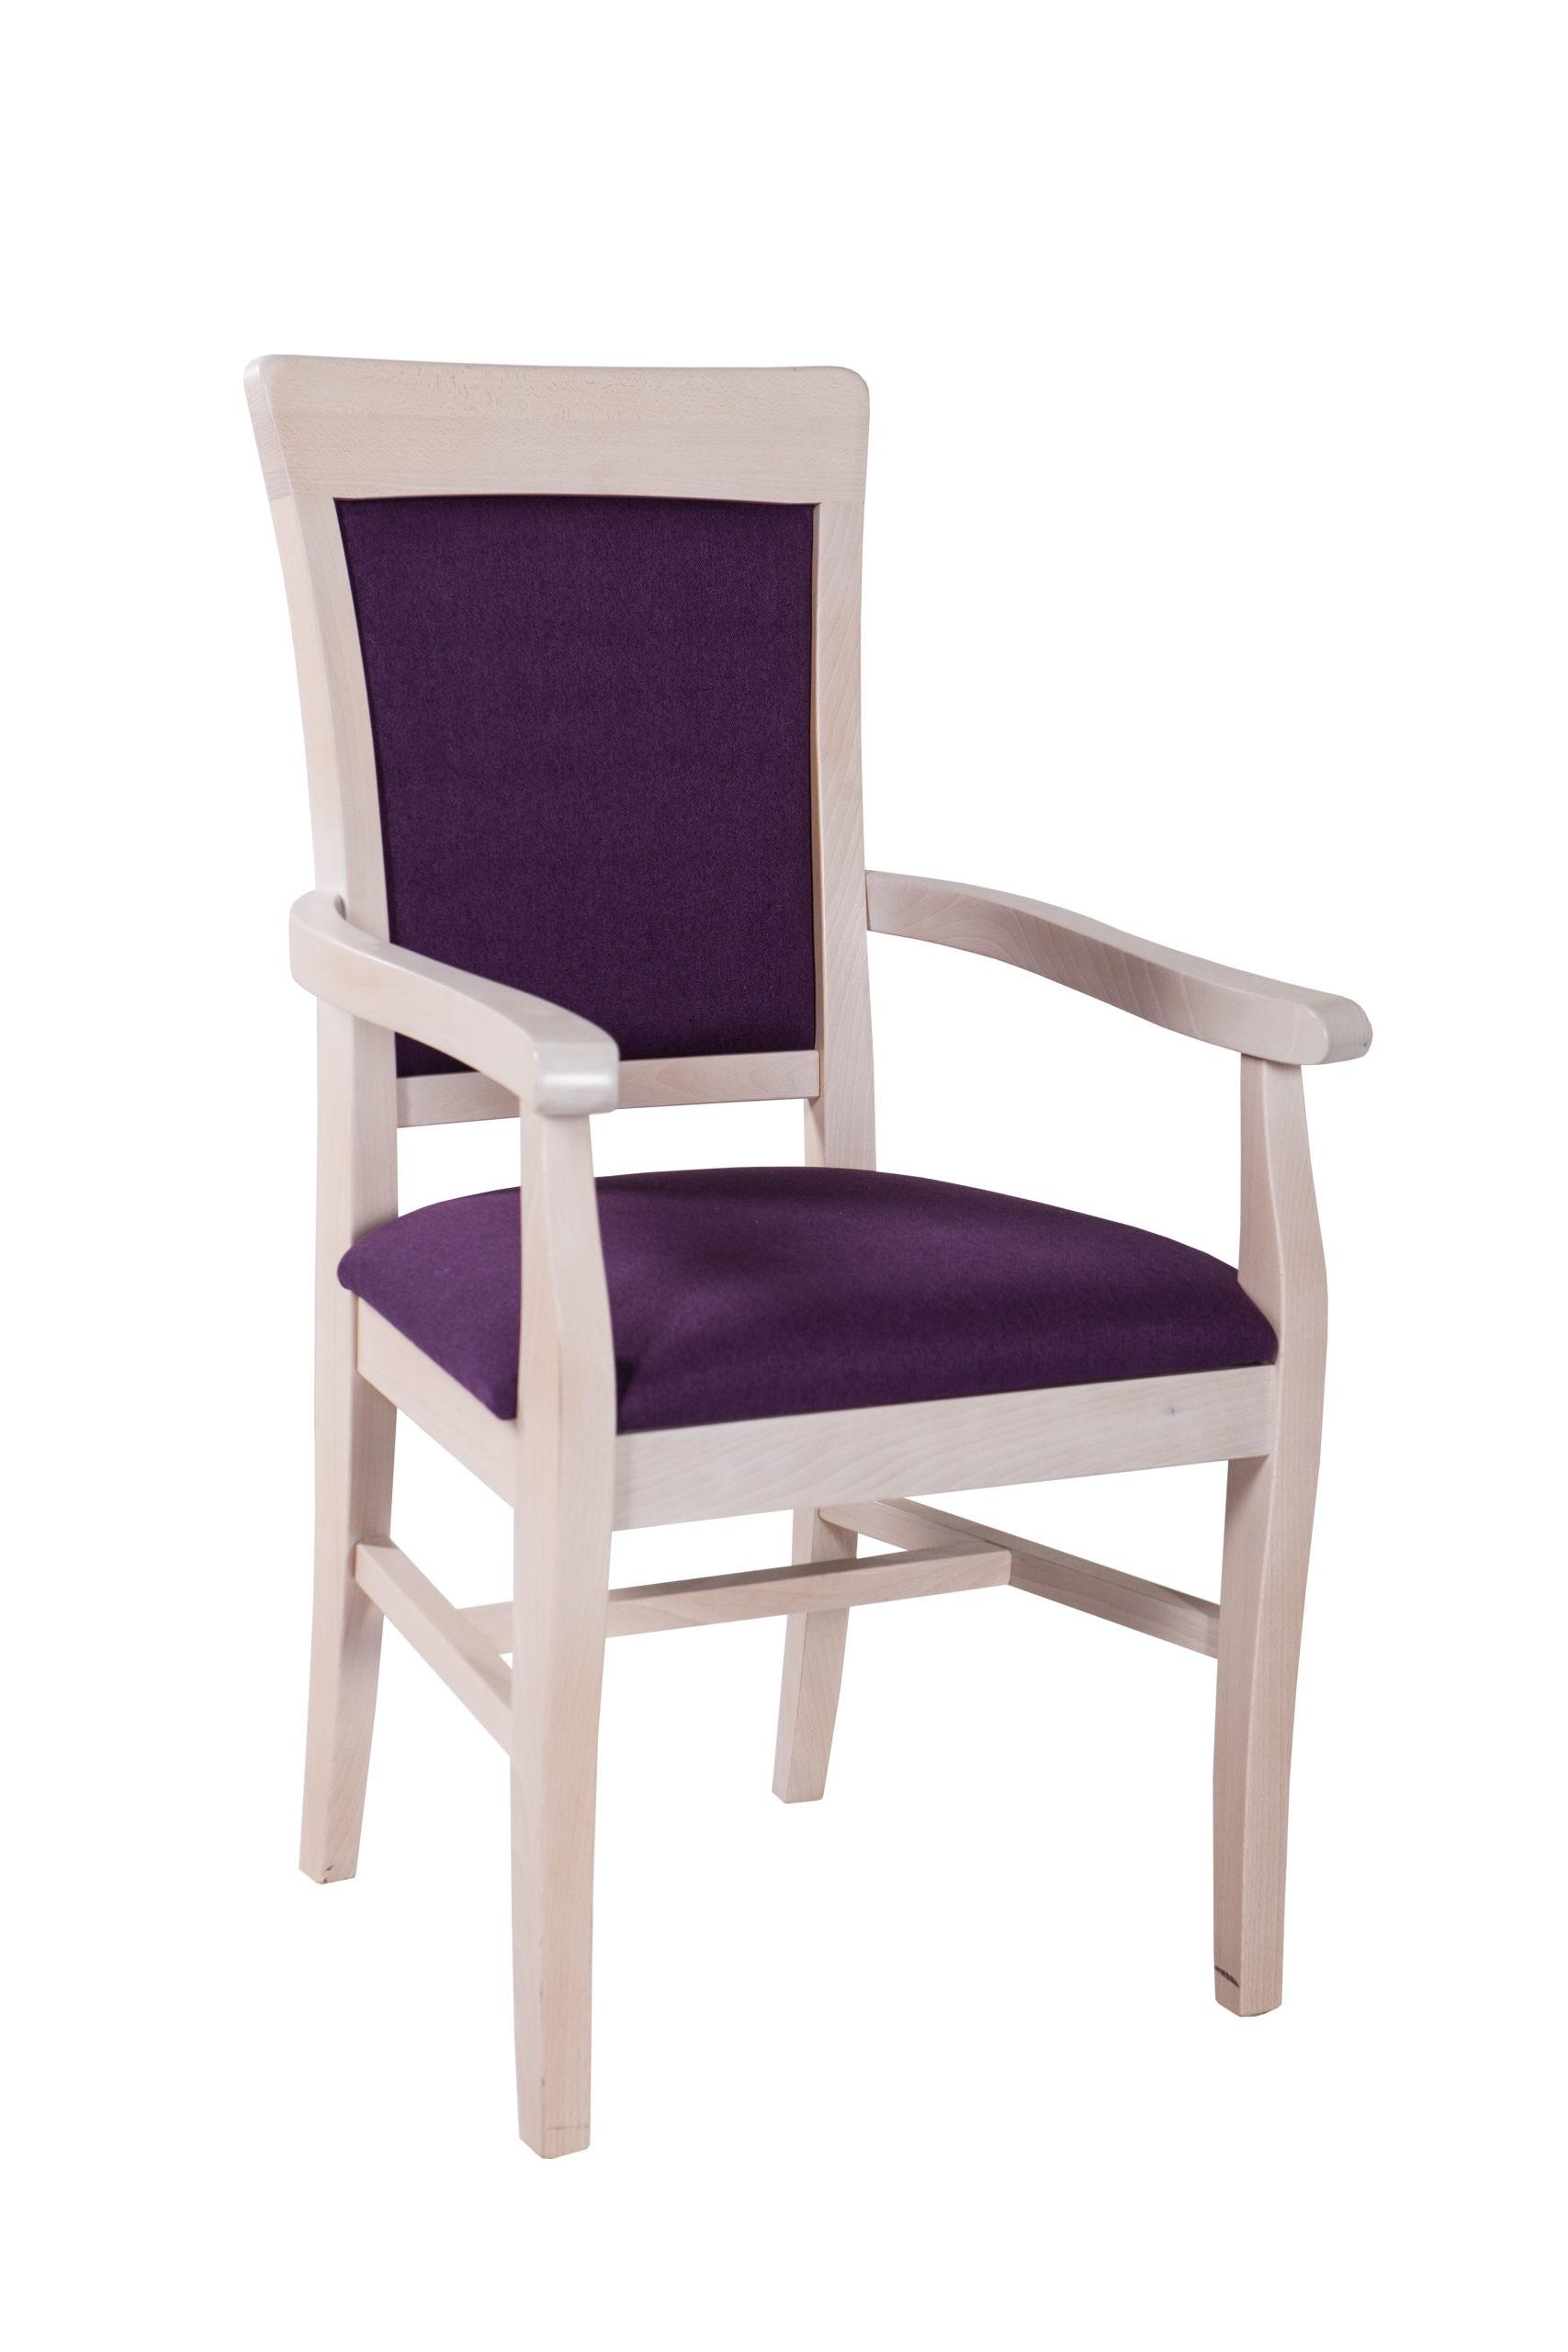 Bardzo wygodne krzesło KT55 z podłokietnikami dostępne w różnych kolorach oraz tkaninach